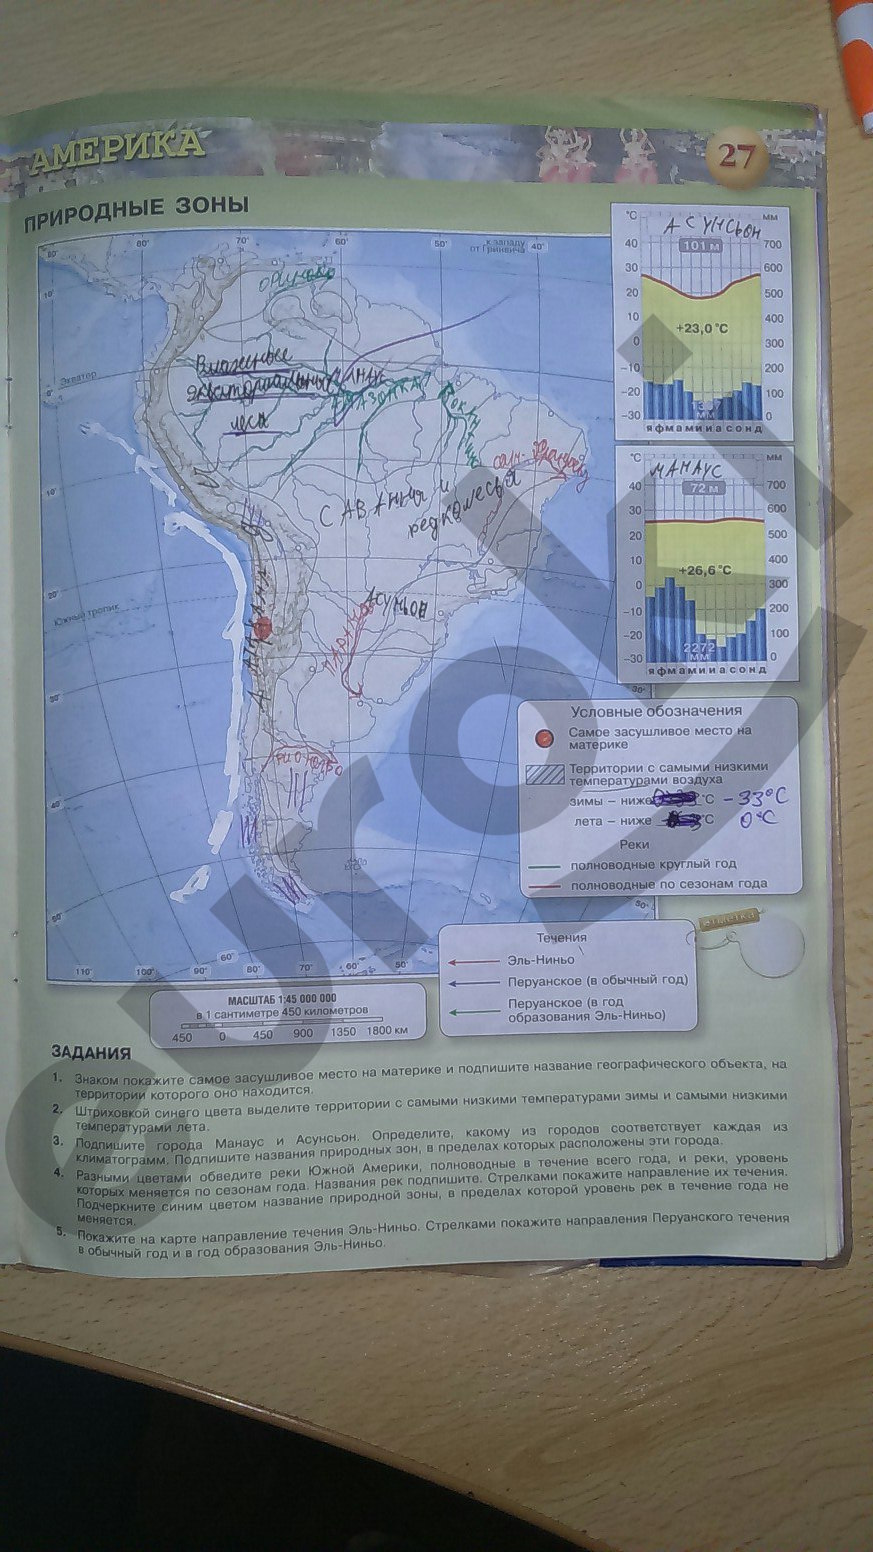 лук репчатый, решебник по контурной карте по географии 7 класс поста, значение, богослужение